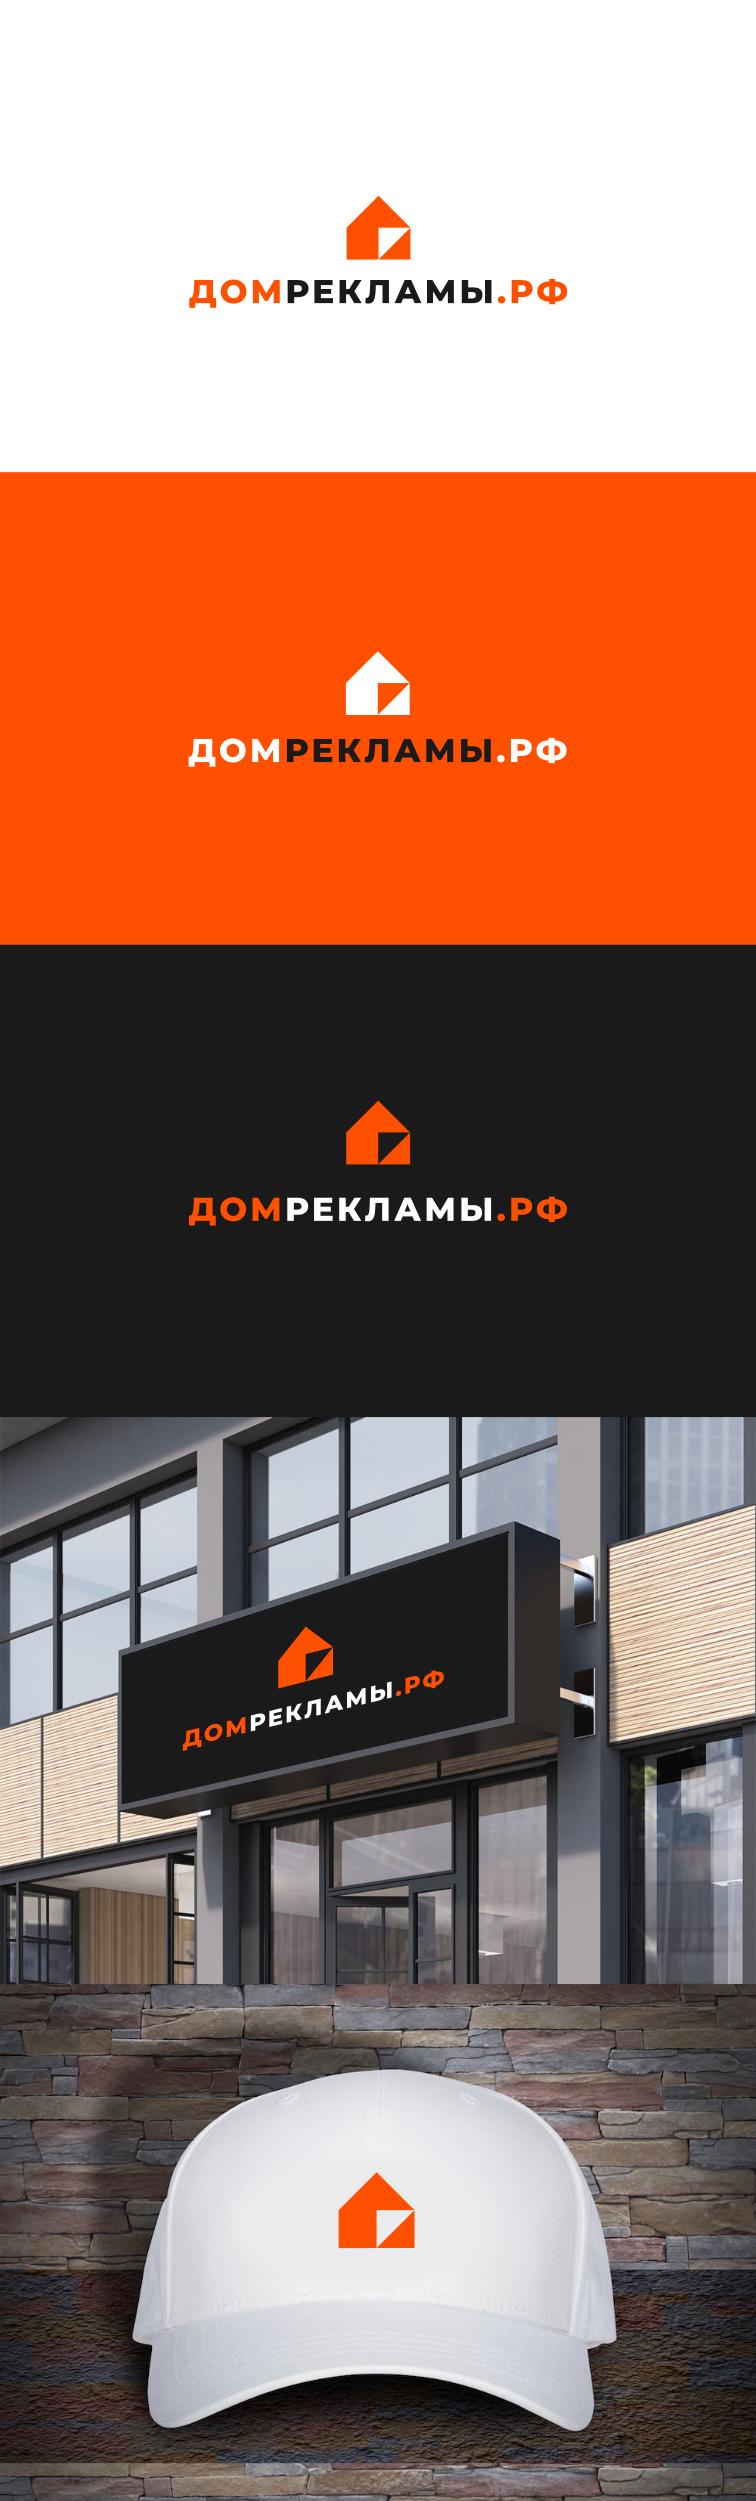 Дизайн логотипа рекламно-производственной компании фото f_5415ede074506542.png